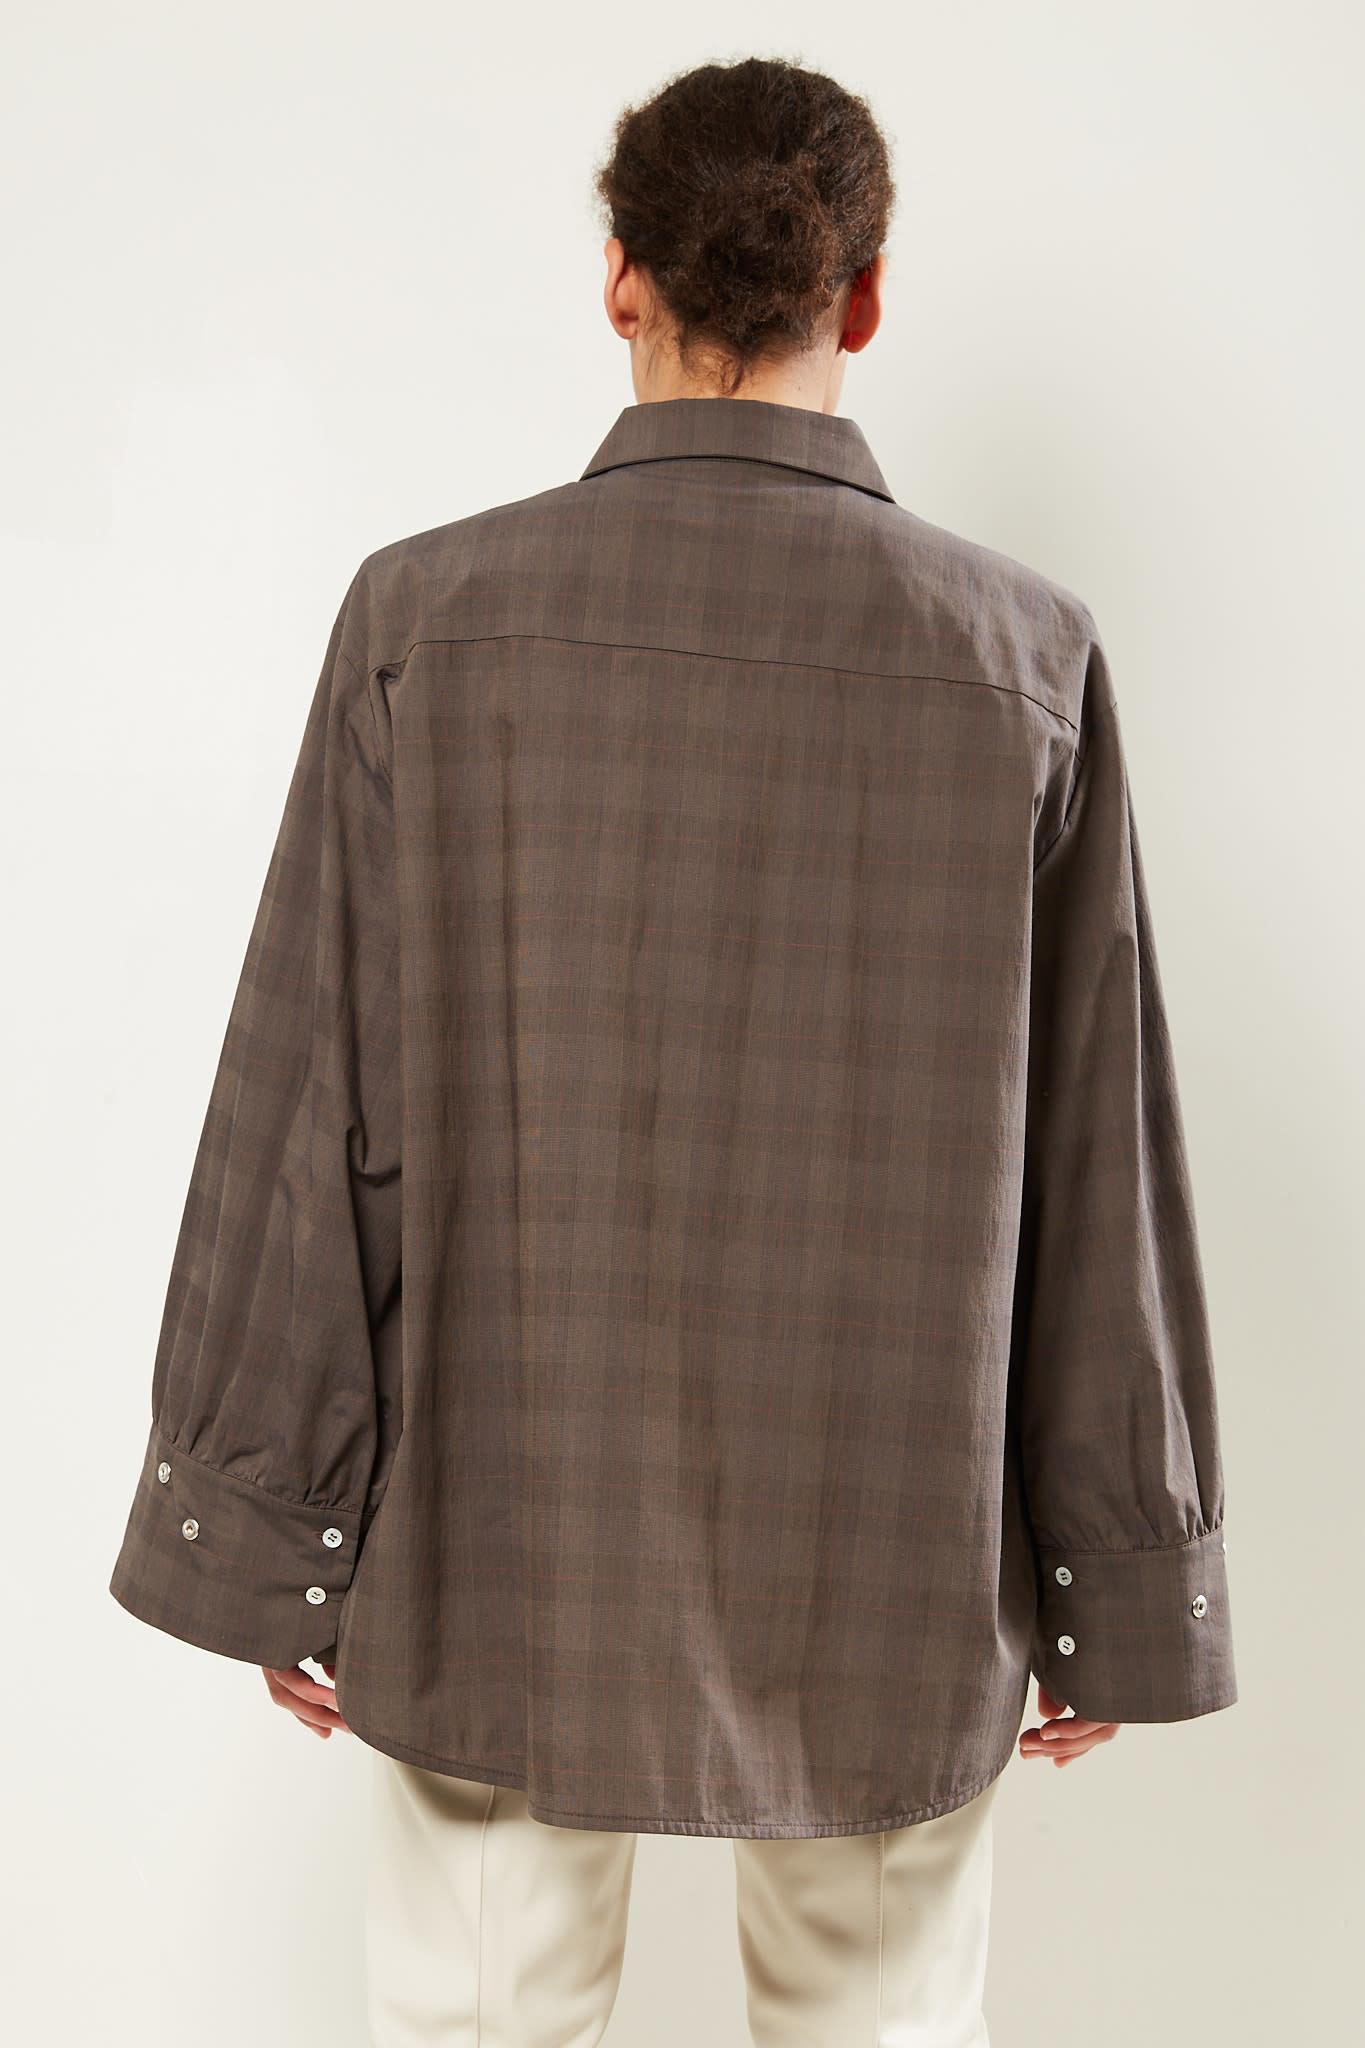 Frenken - Range shirt